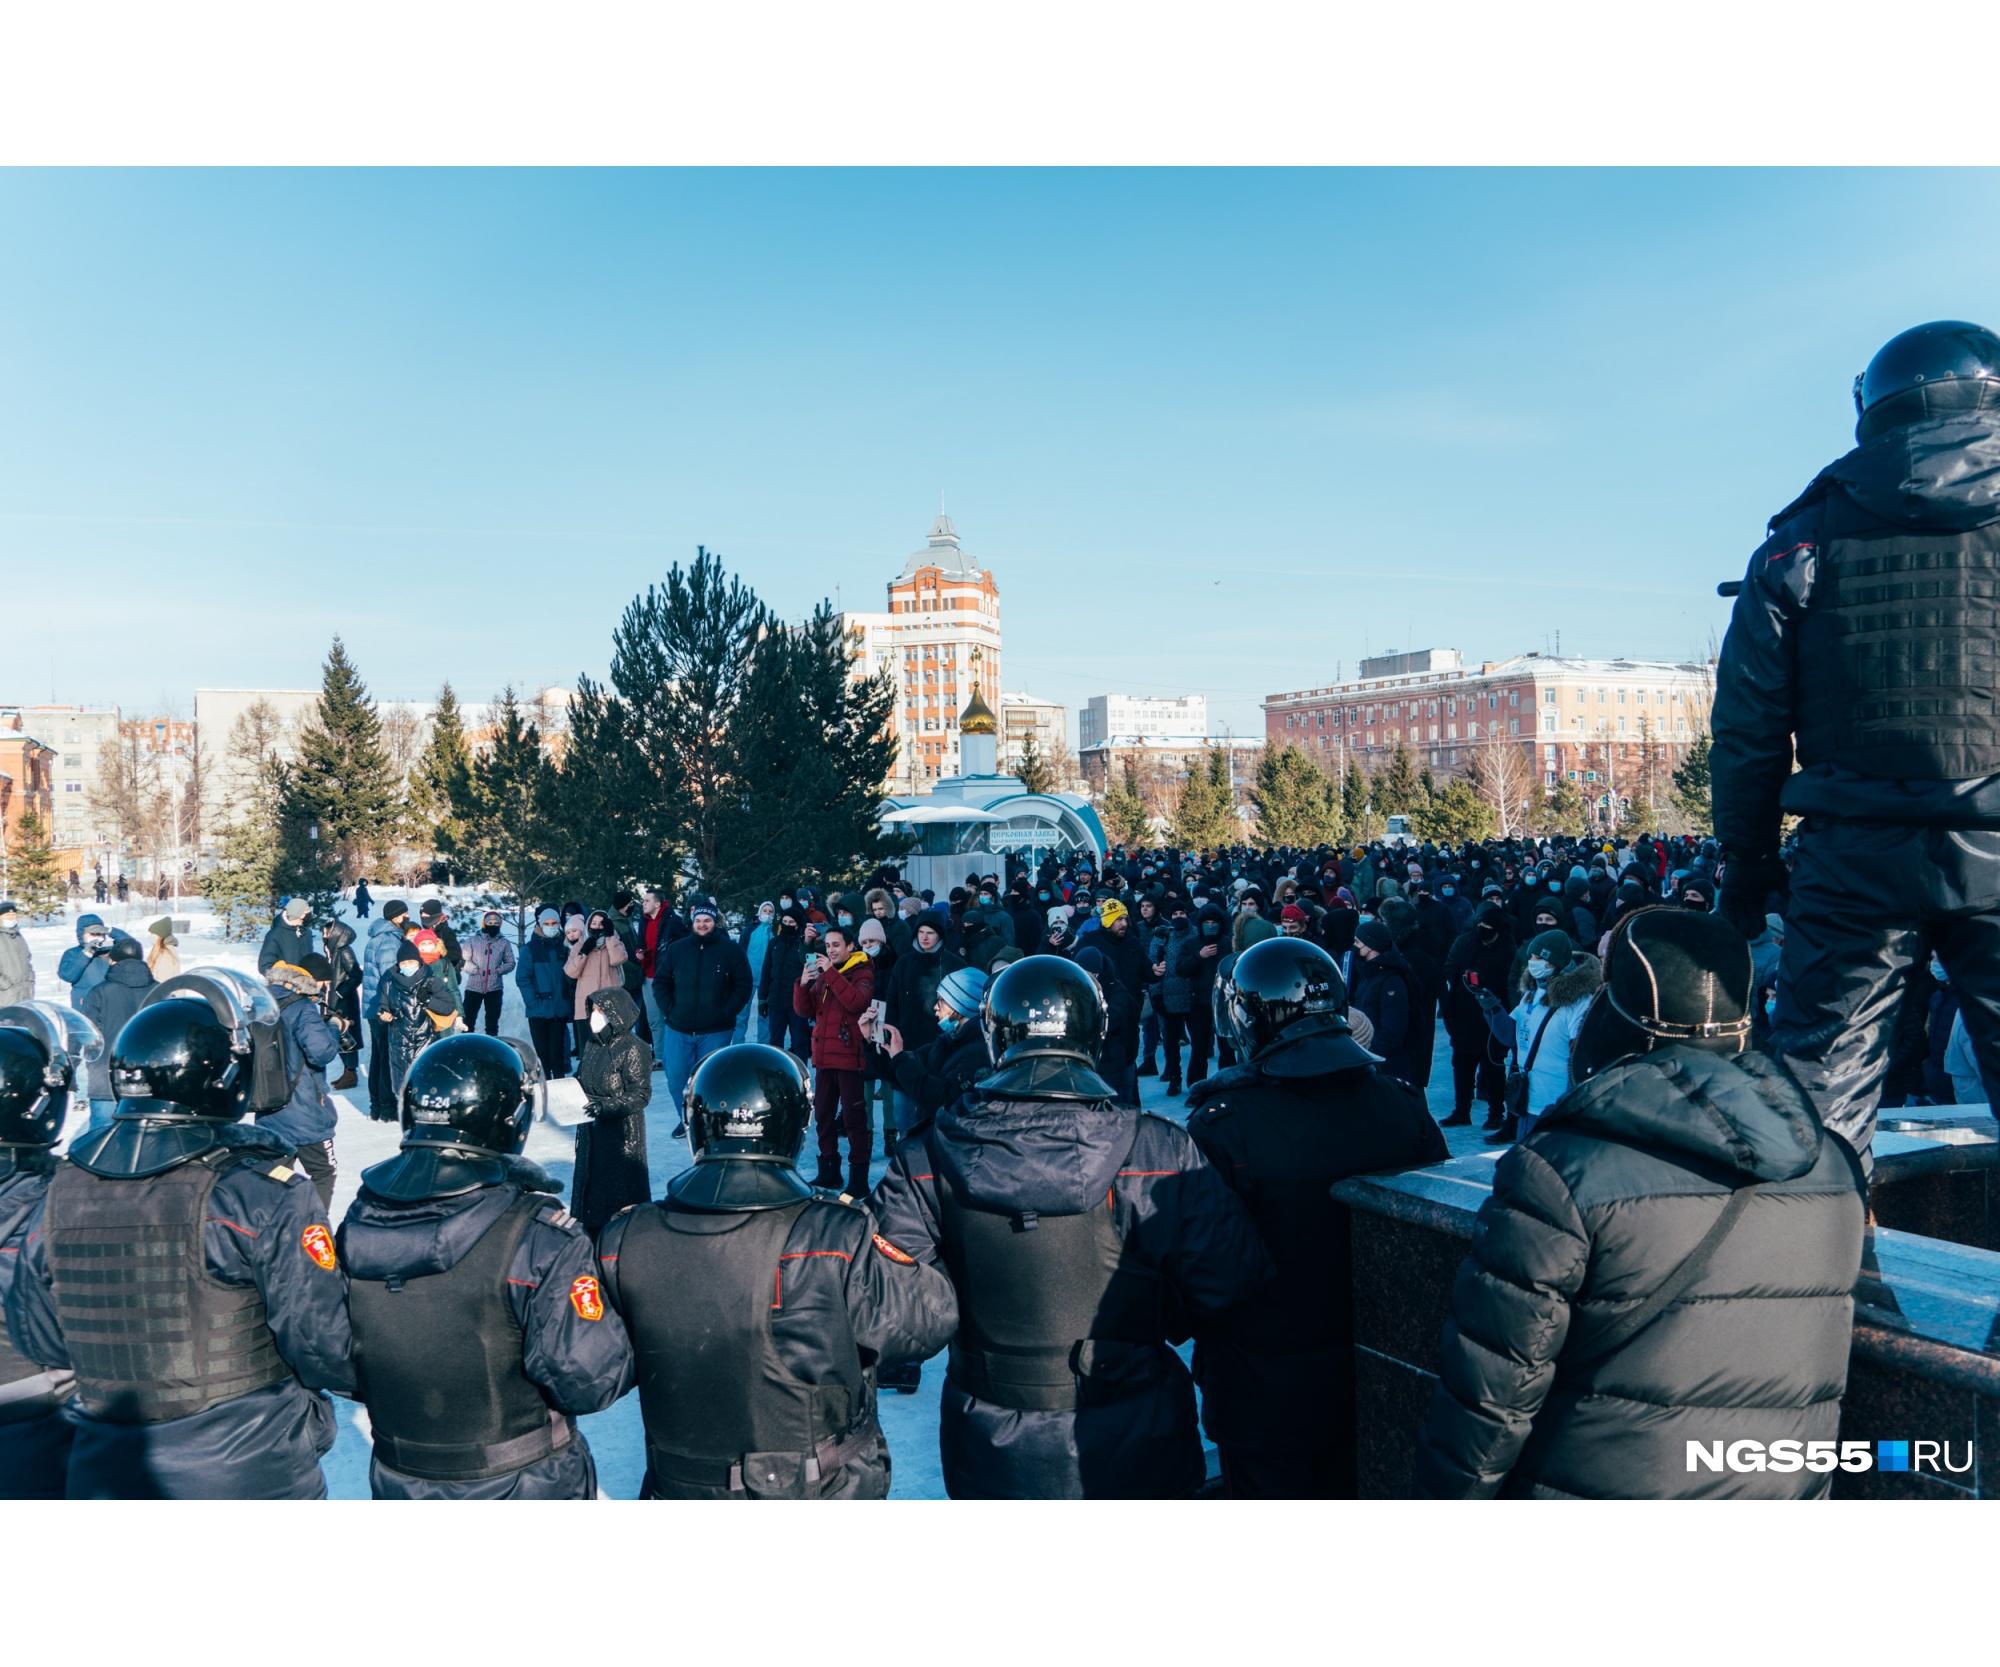 На Соборной площади протестующие выкрикивали лозунги, а полицейские ждали команды